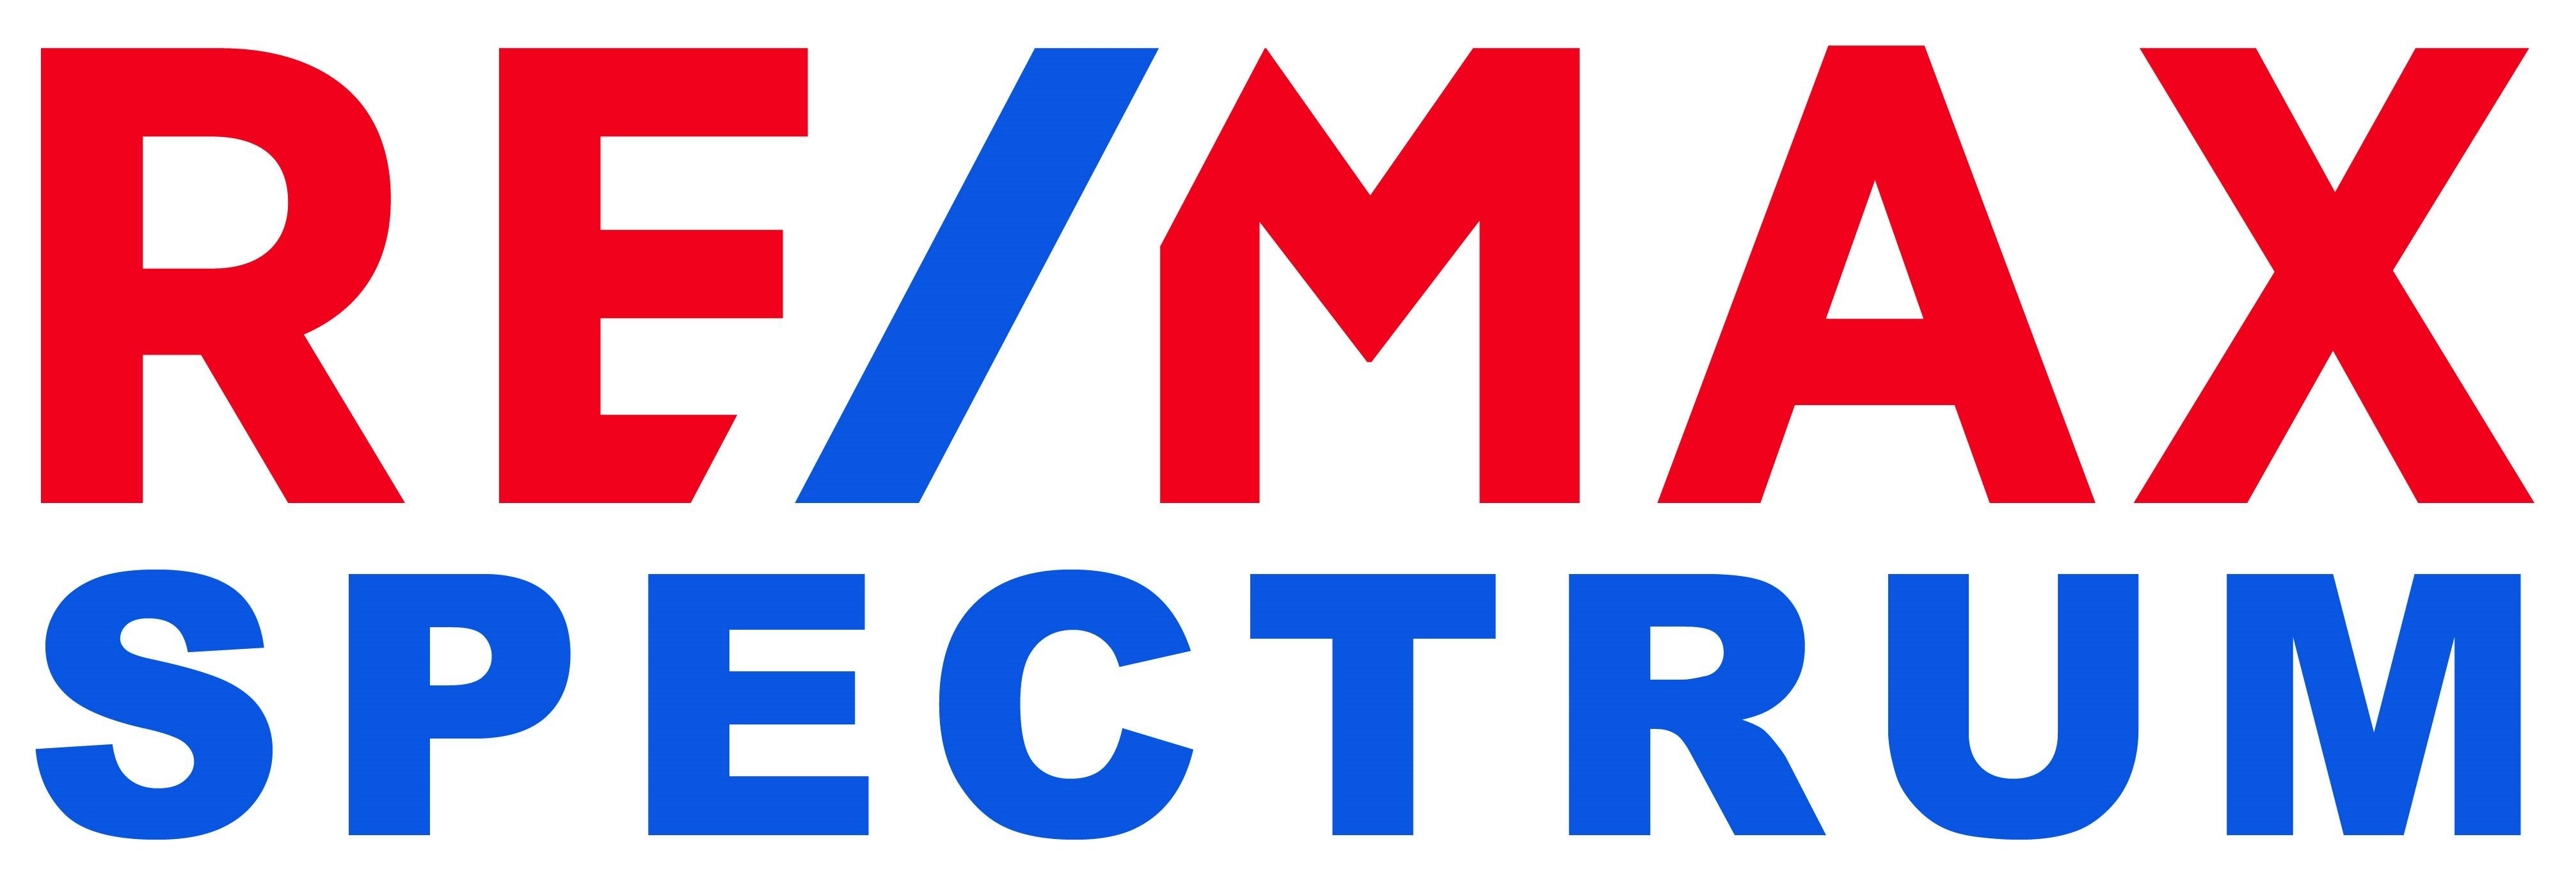 RE/MAX Spectrum